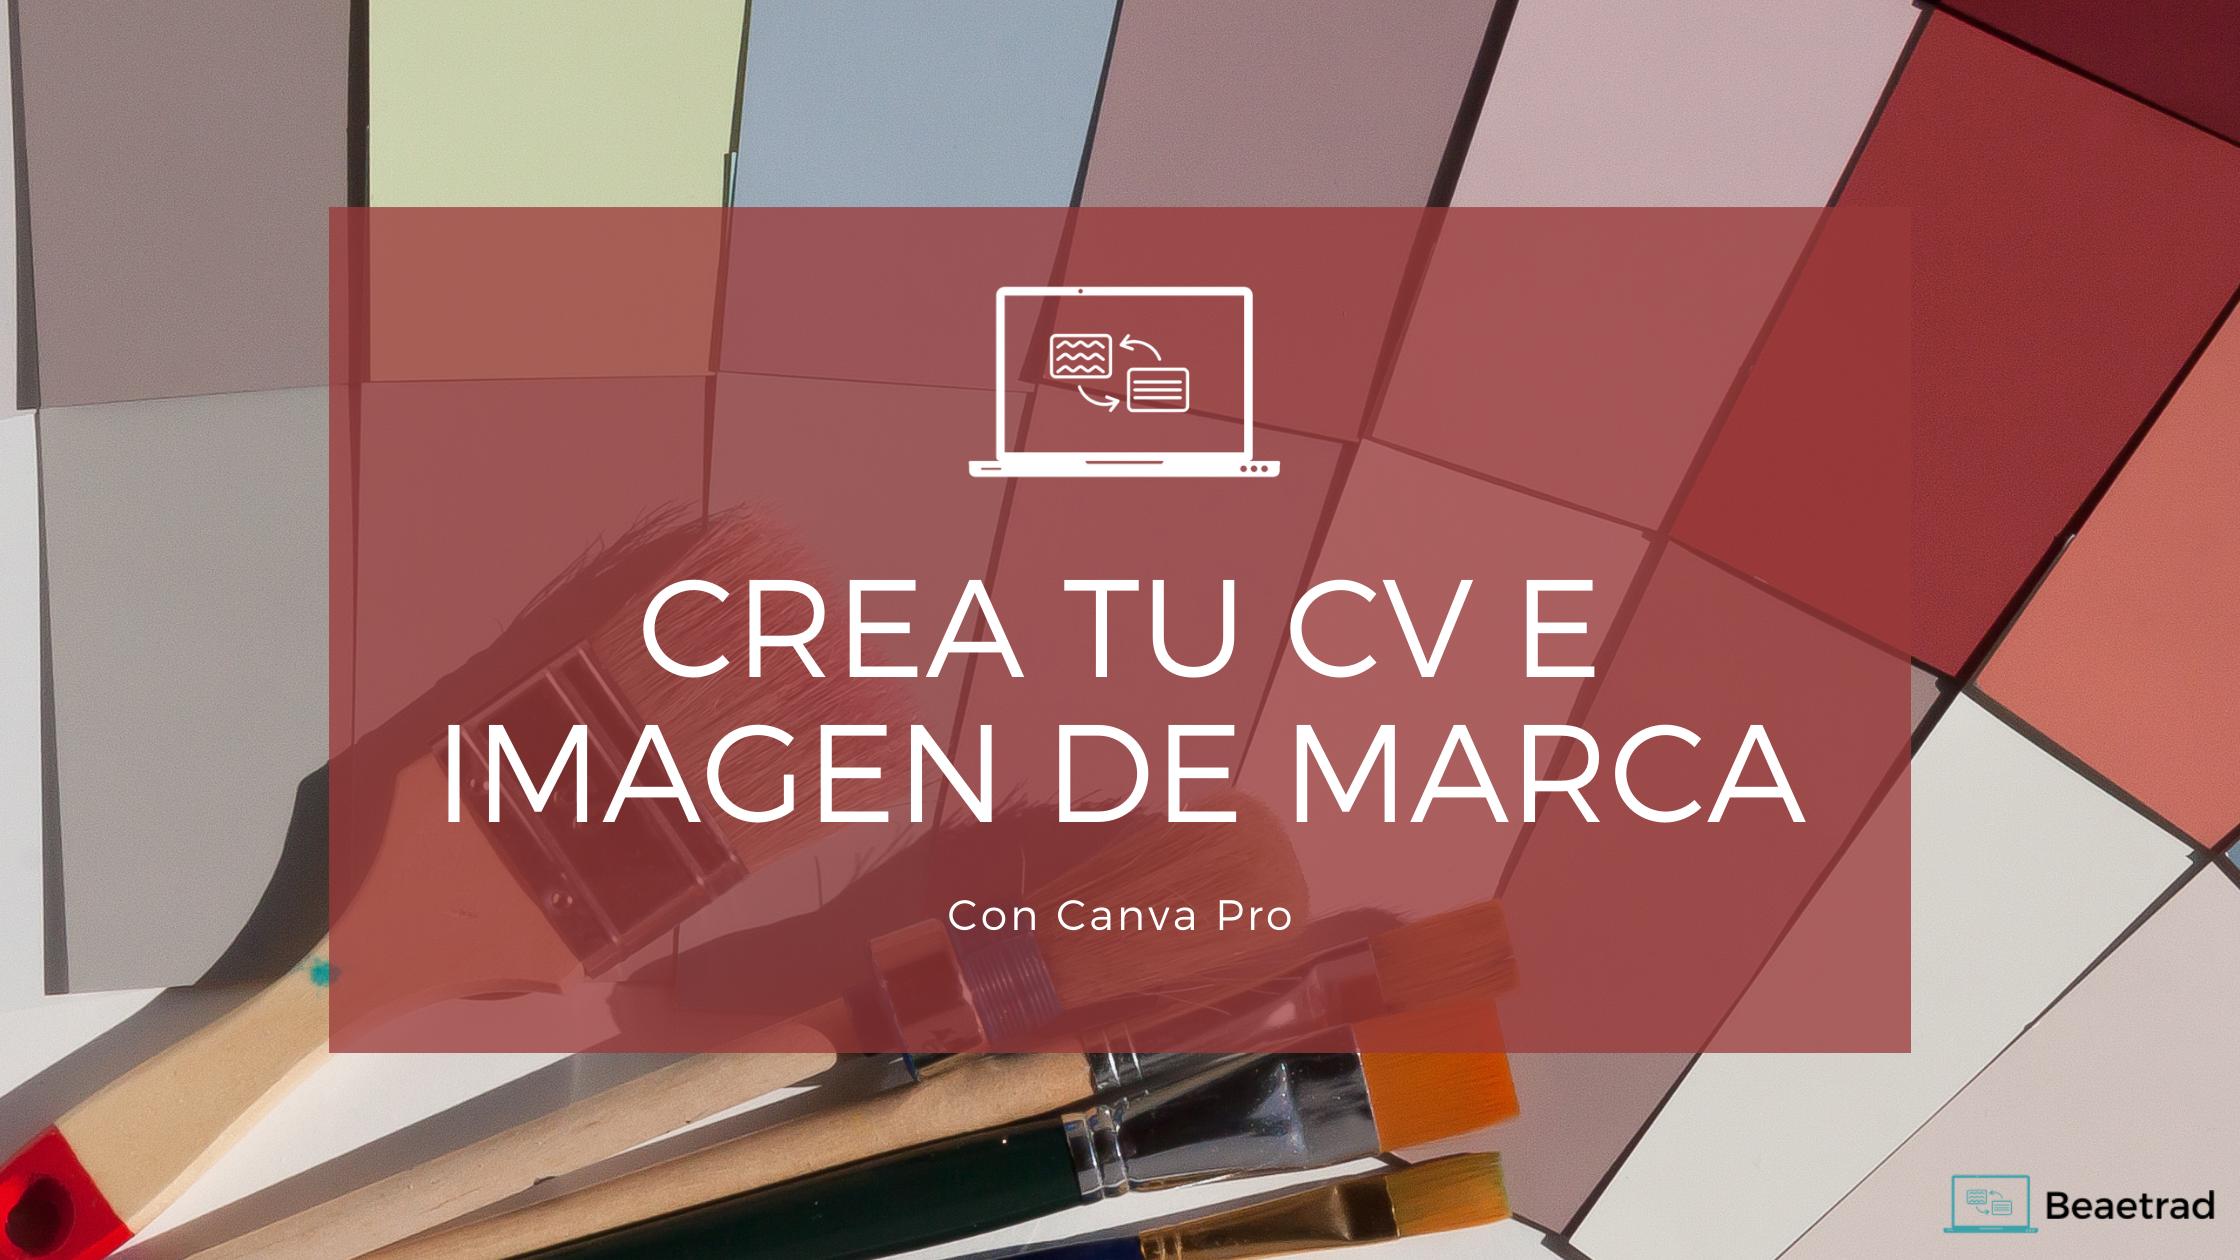 Crea tu CV e imagen de marca con Canva Pro